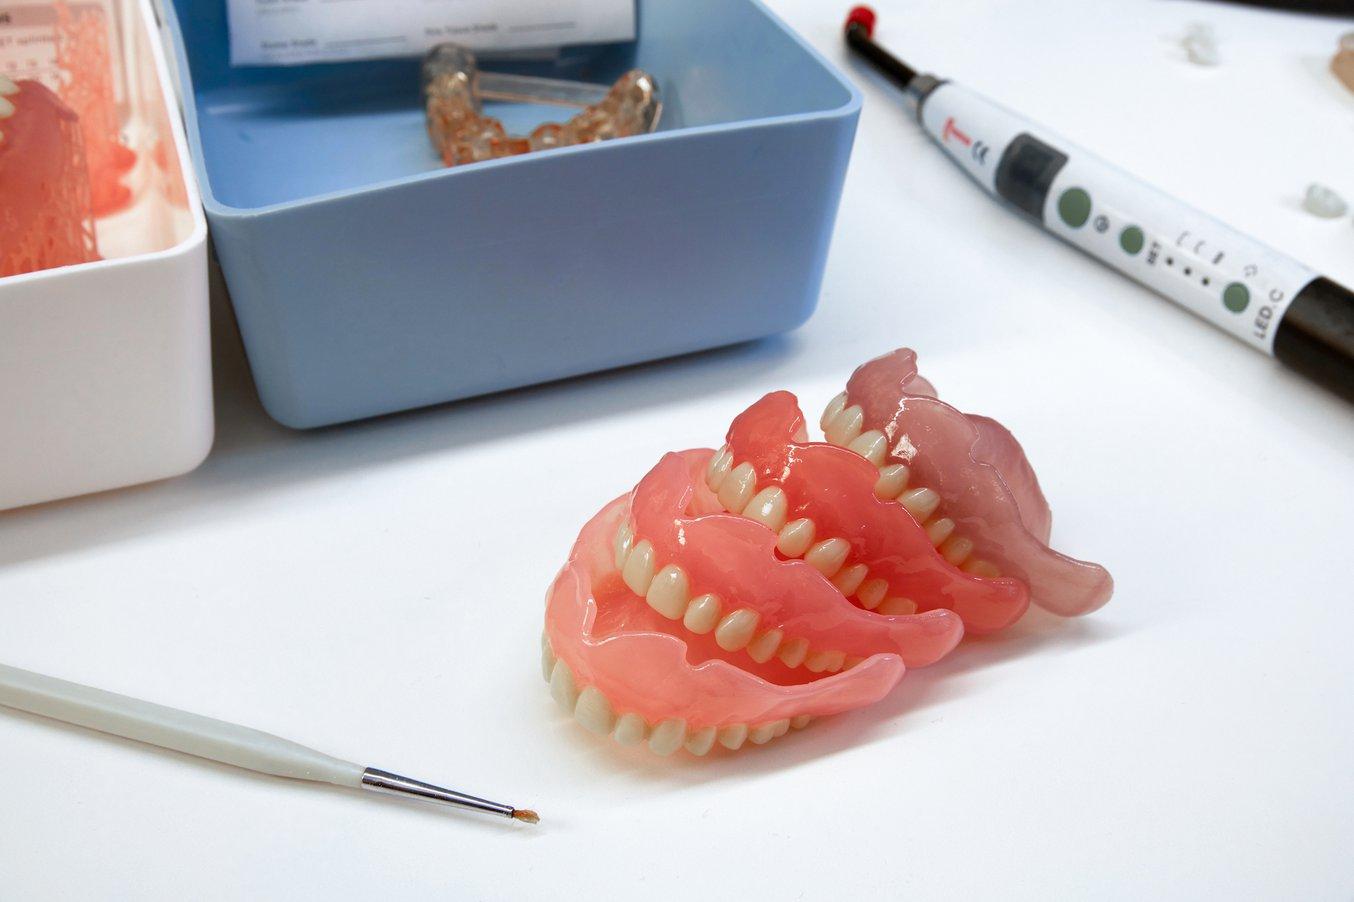 Quattro nuove tonalità di resine per protesi dentali digitali